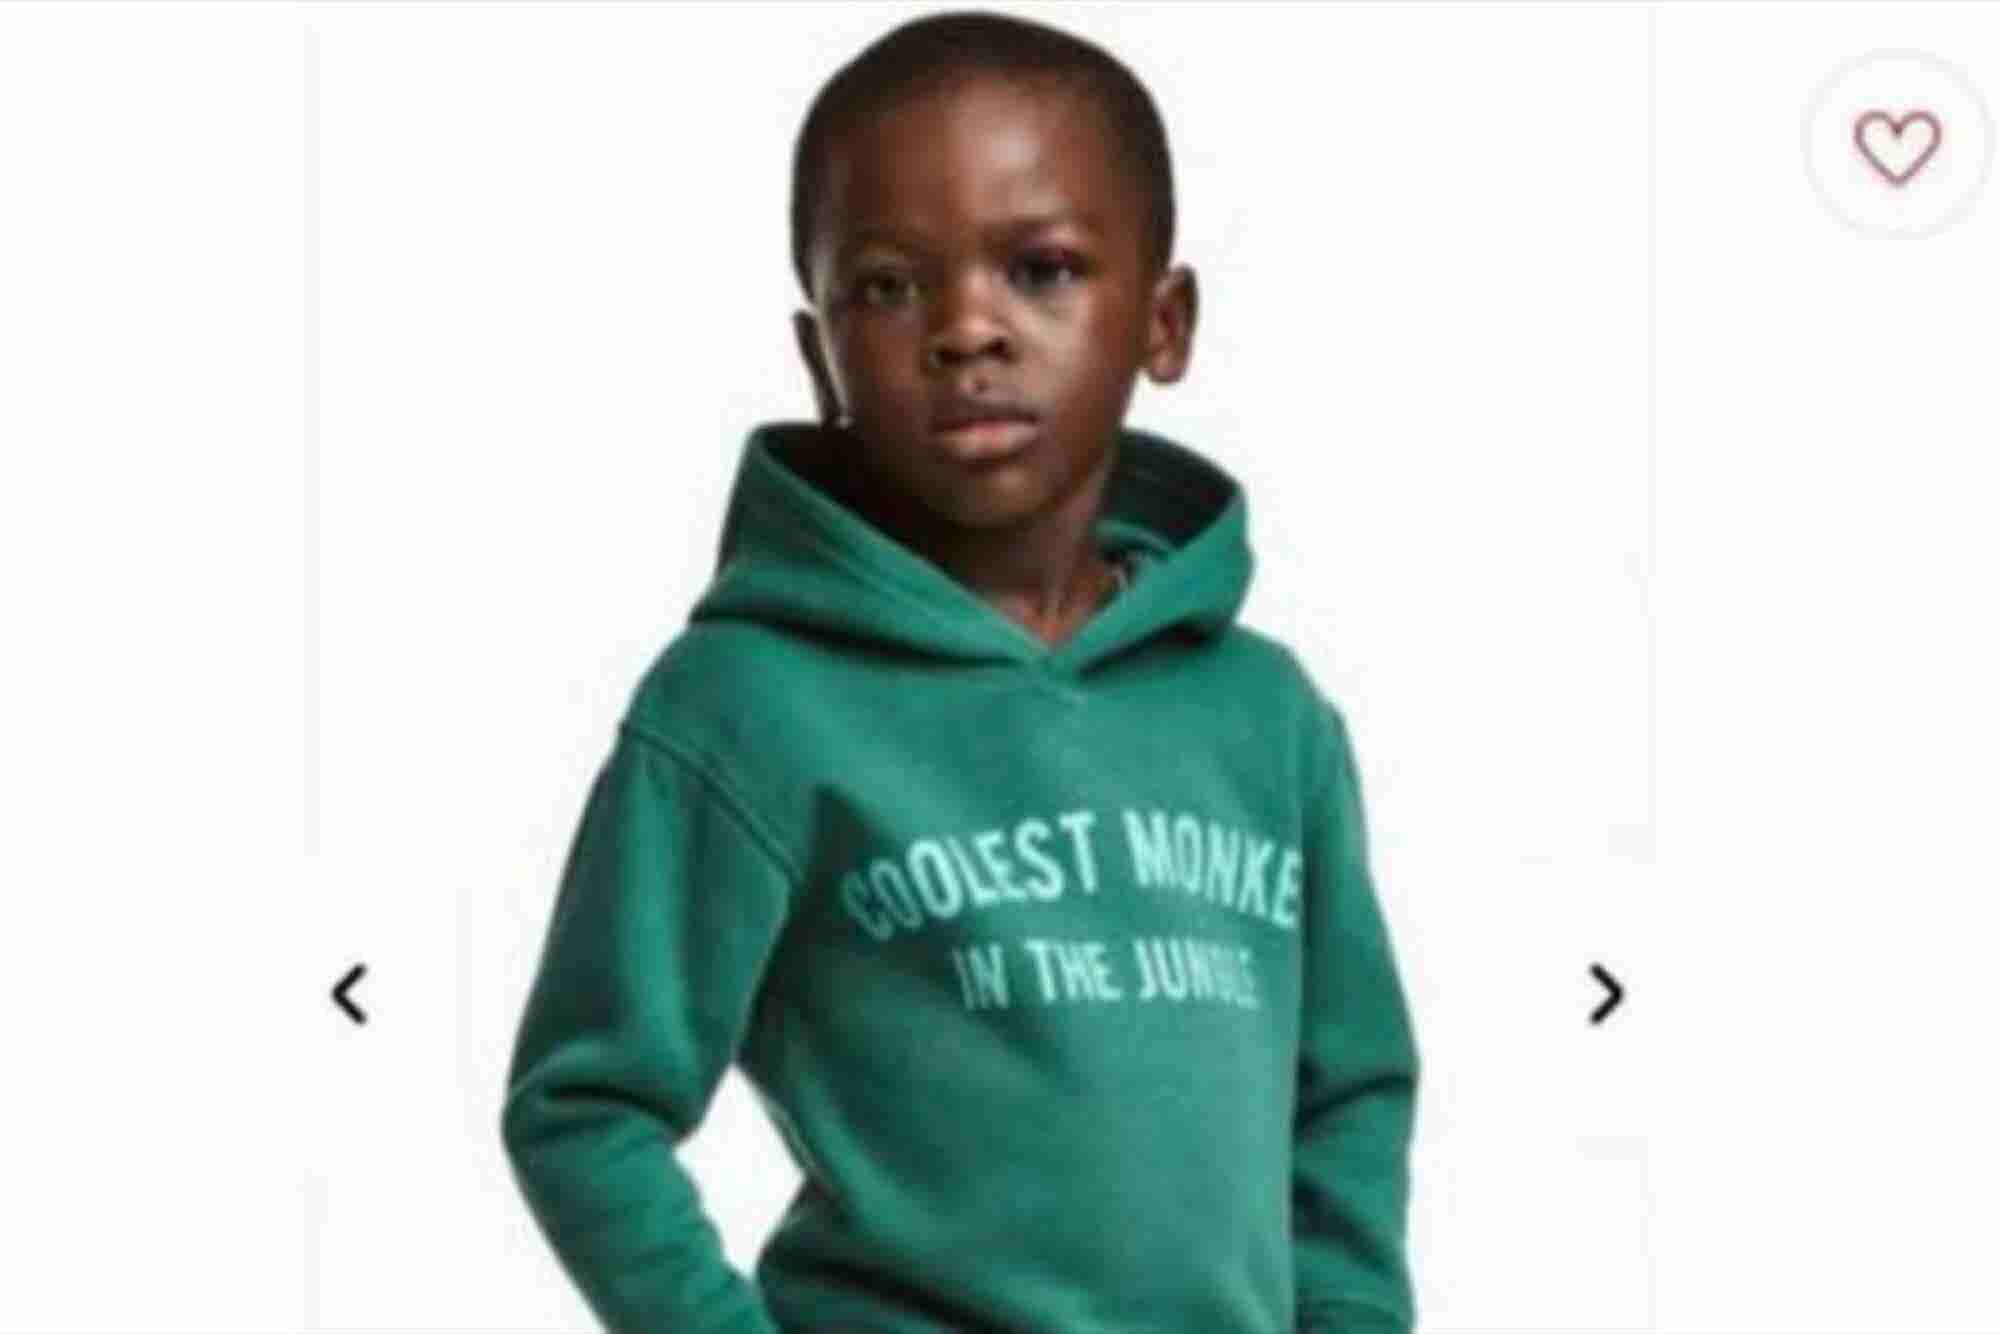 H&M cierra sus tiendas en Sudáfrica tras exponer publicidad racista